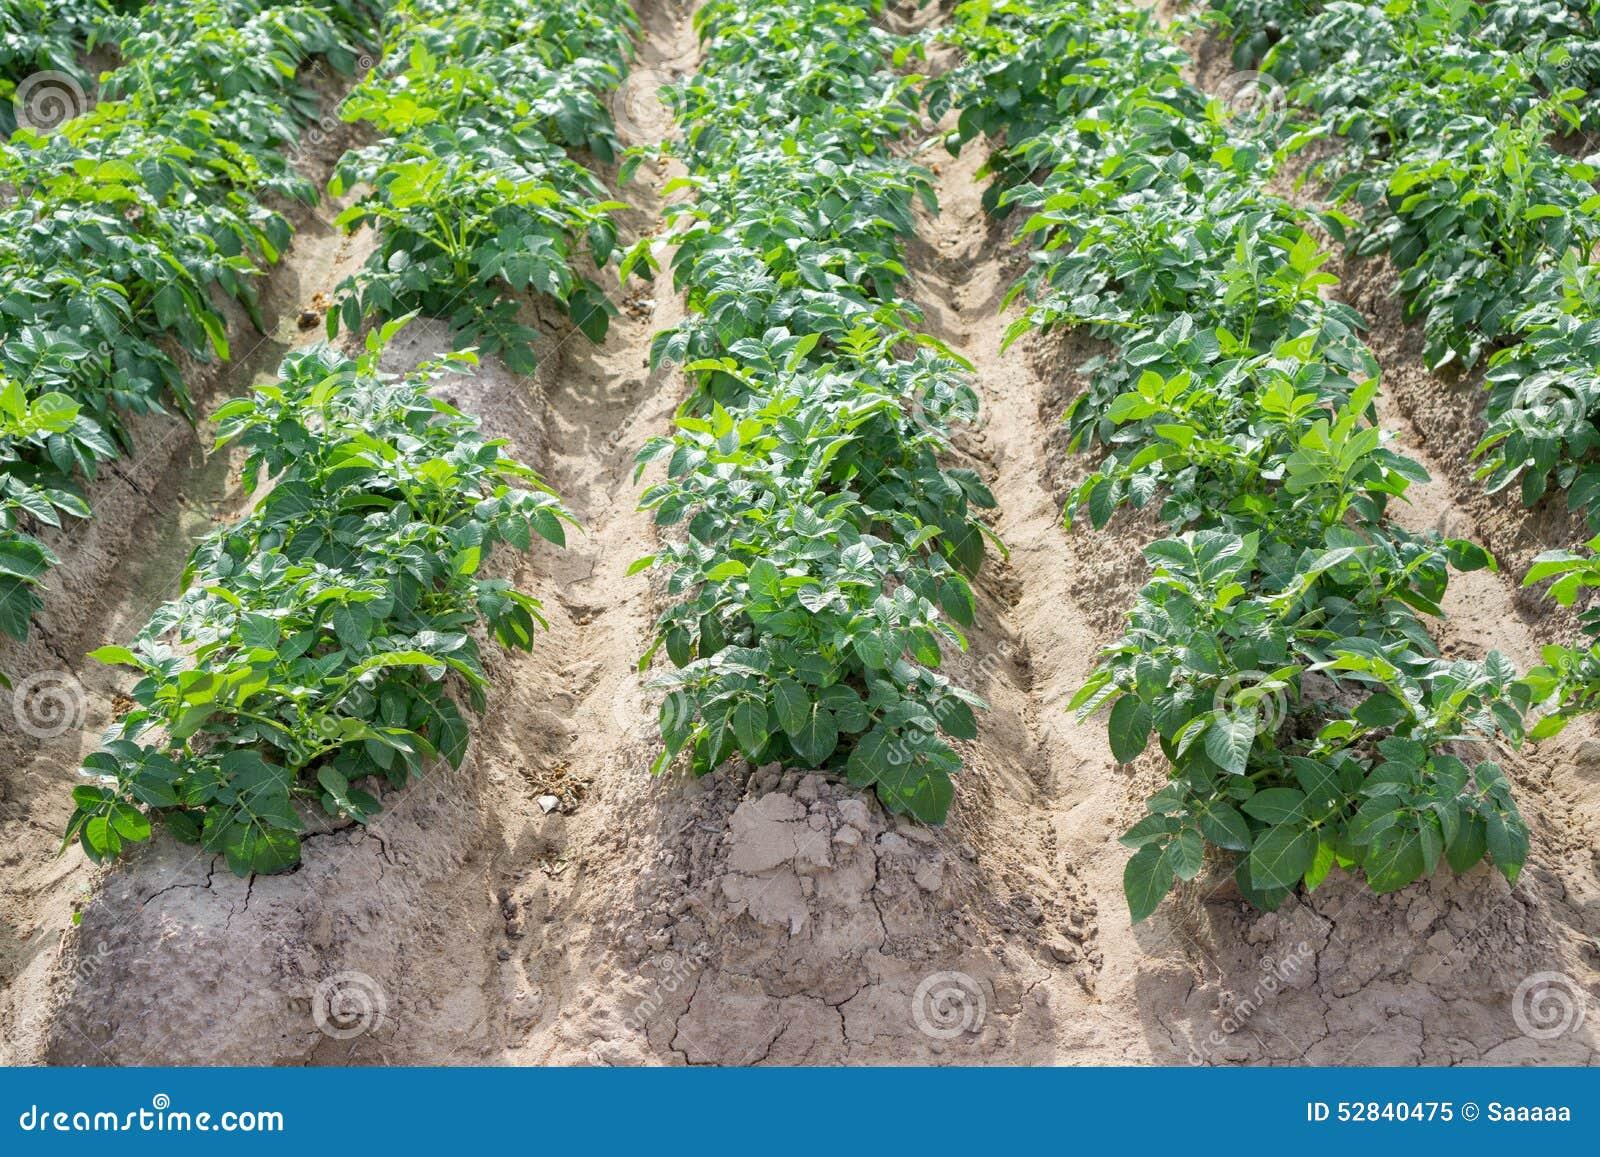 Que planter a cote des pommes de terre - Planter des pommes de terre ...